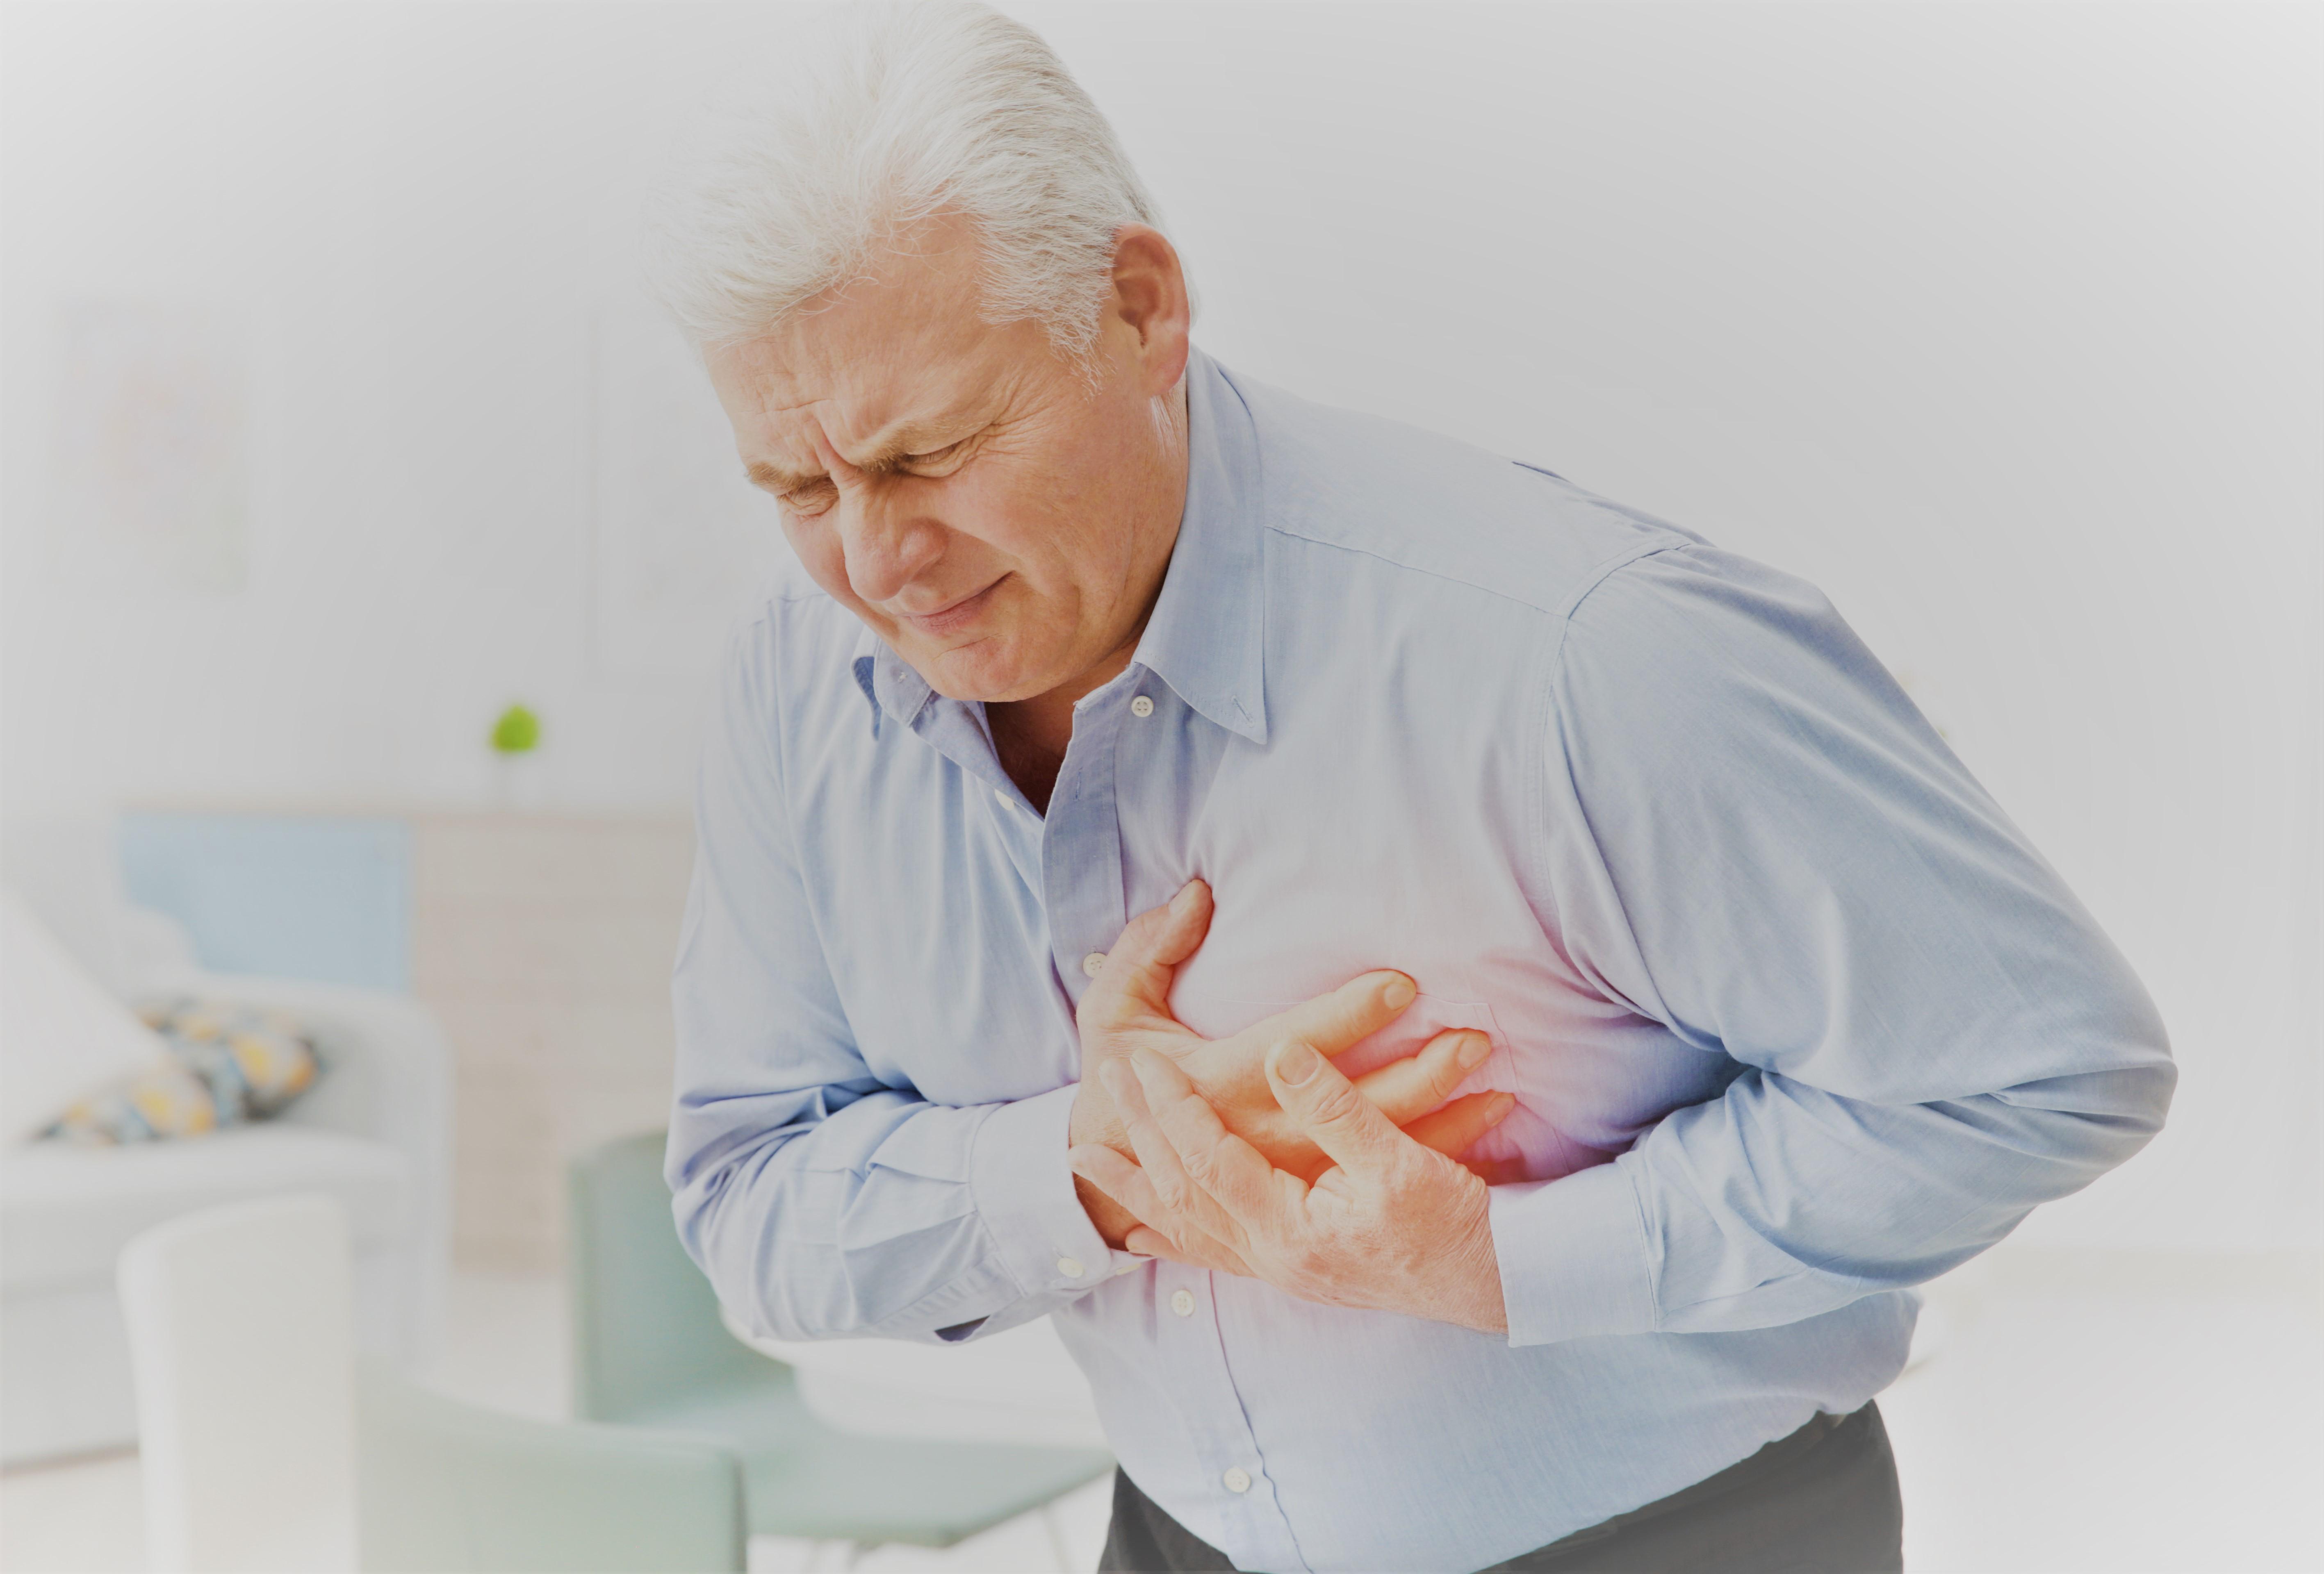 fájdalom a kezek ízületeiben tüsszentéskor